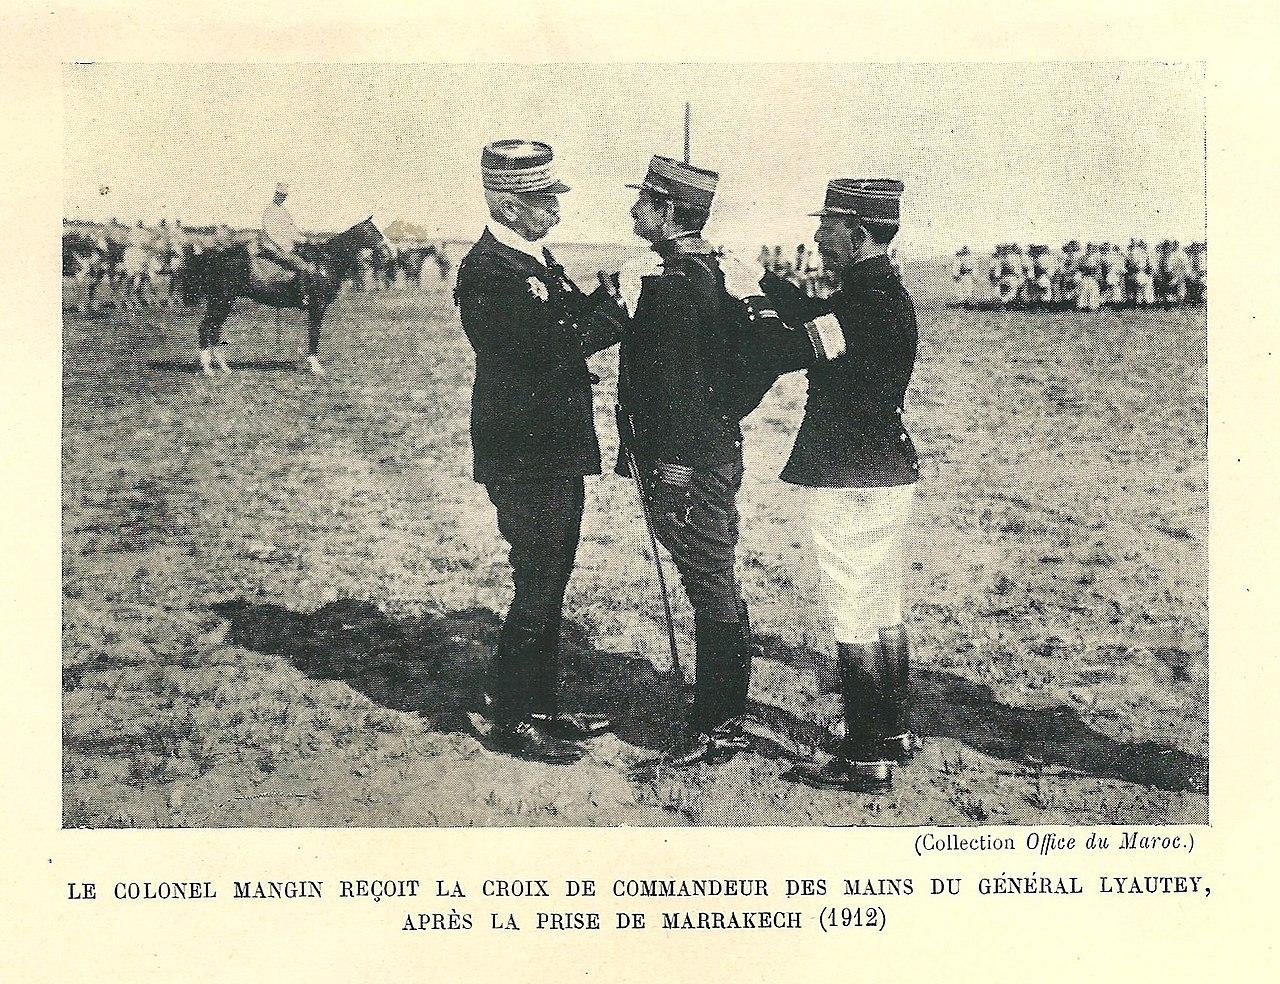 Mangin décoré croix de commandeur par Lyautey en 1912 a marrakech